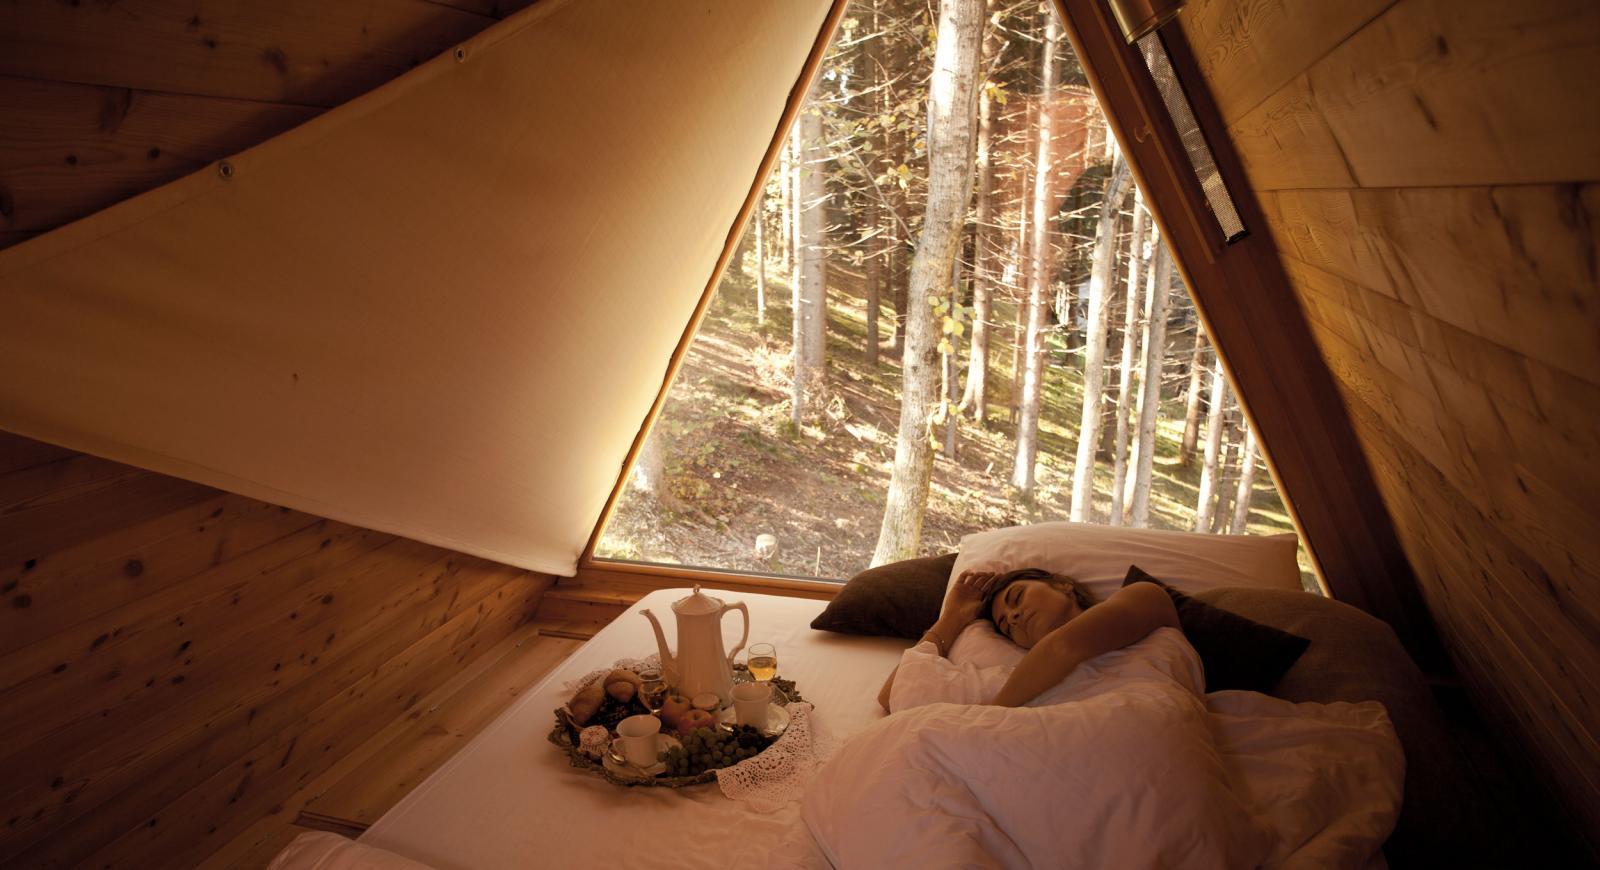 Oferta dormitorio con vistas en la naturaleza.